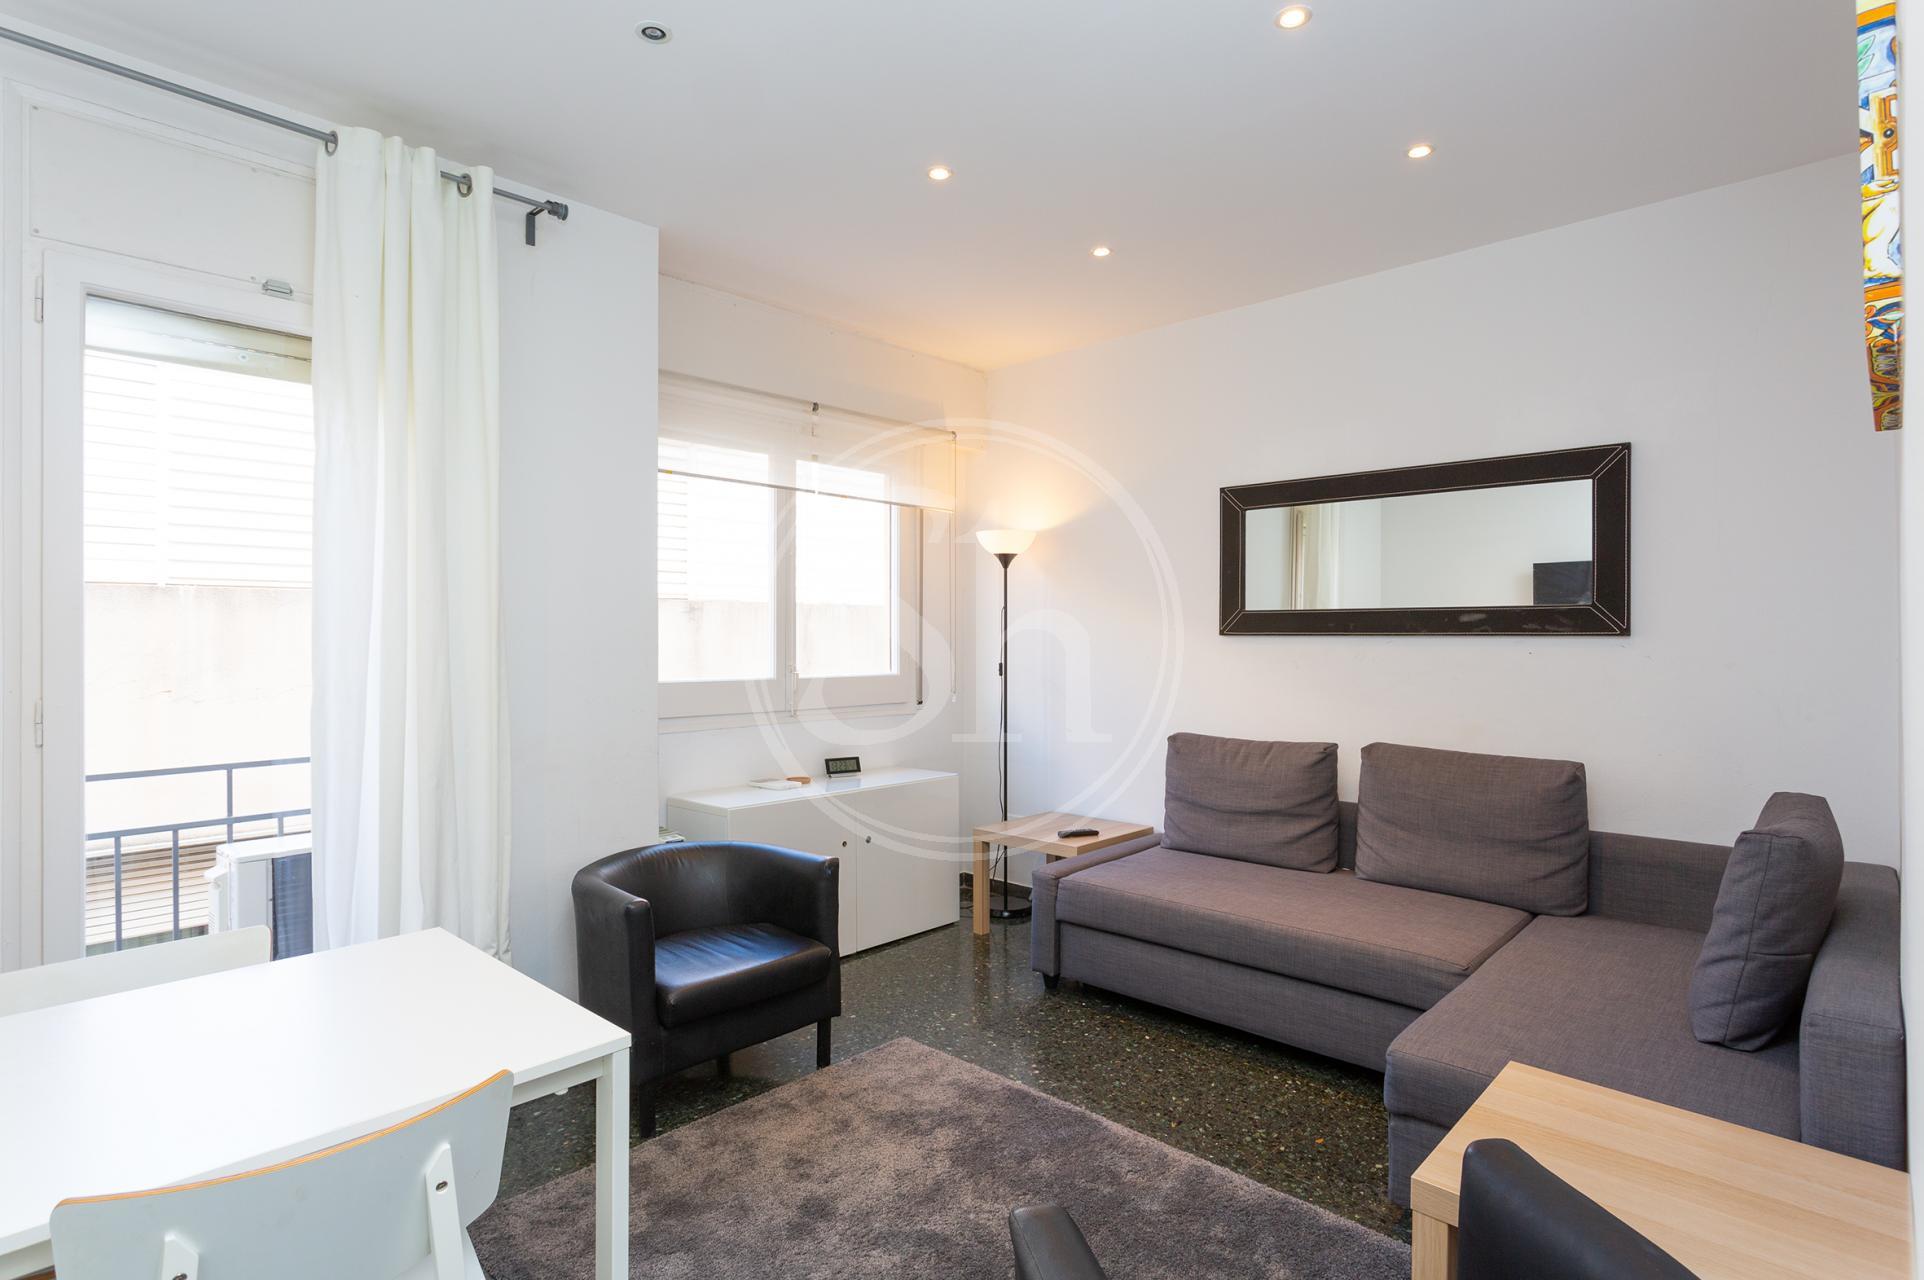 Appartement à louer à Barcelona Berlines - Sant Marius